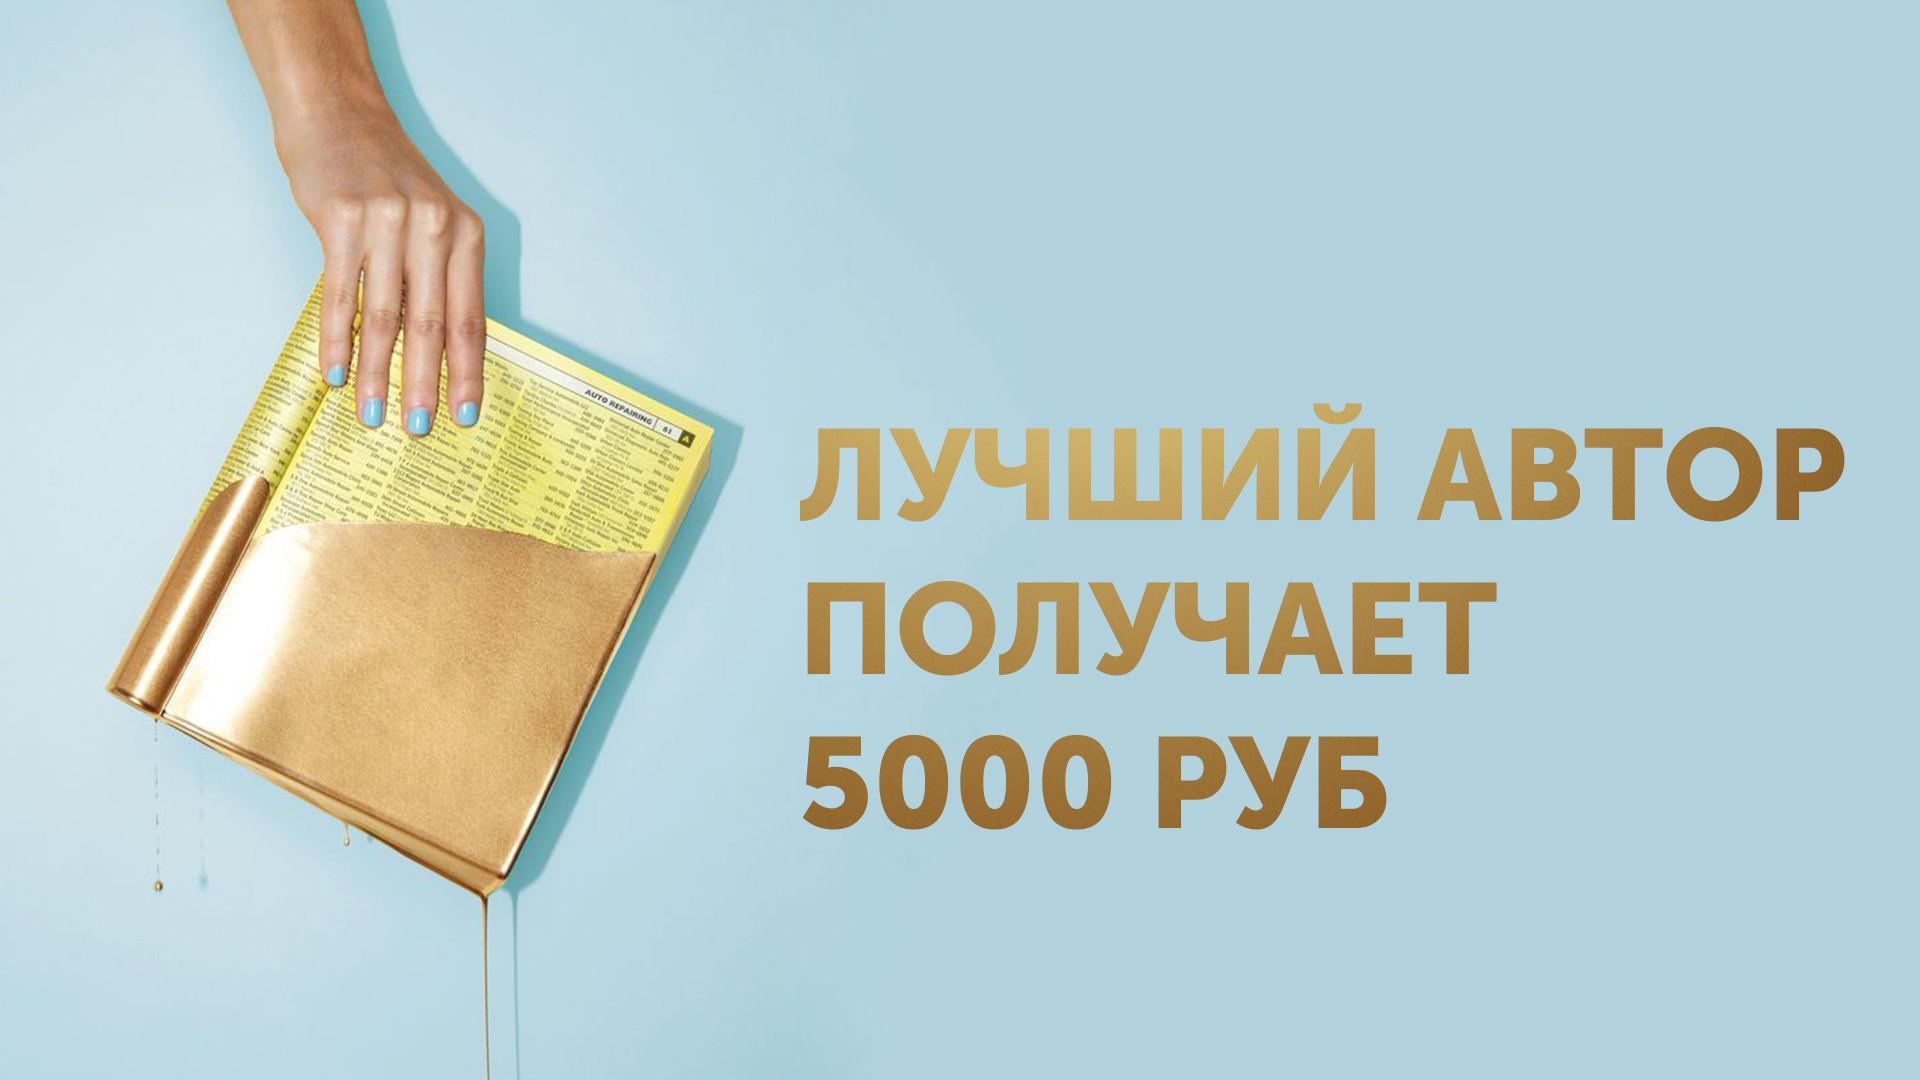 5000 руб автору лучшей статьи